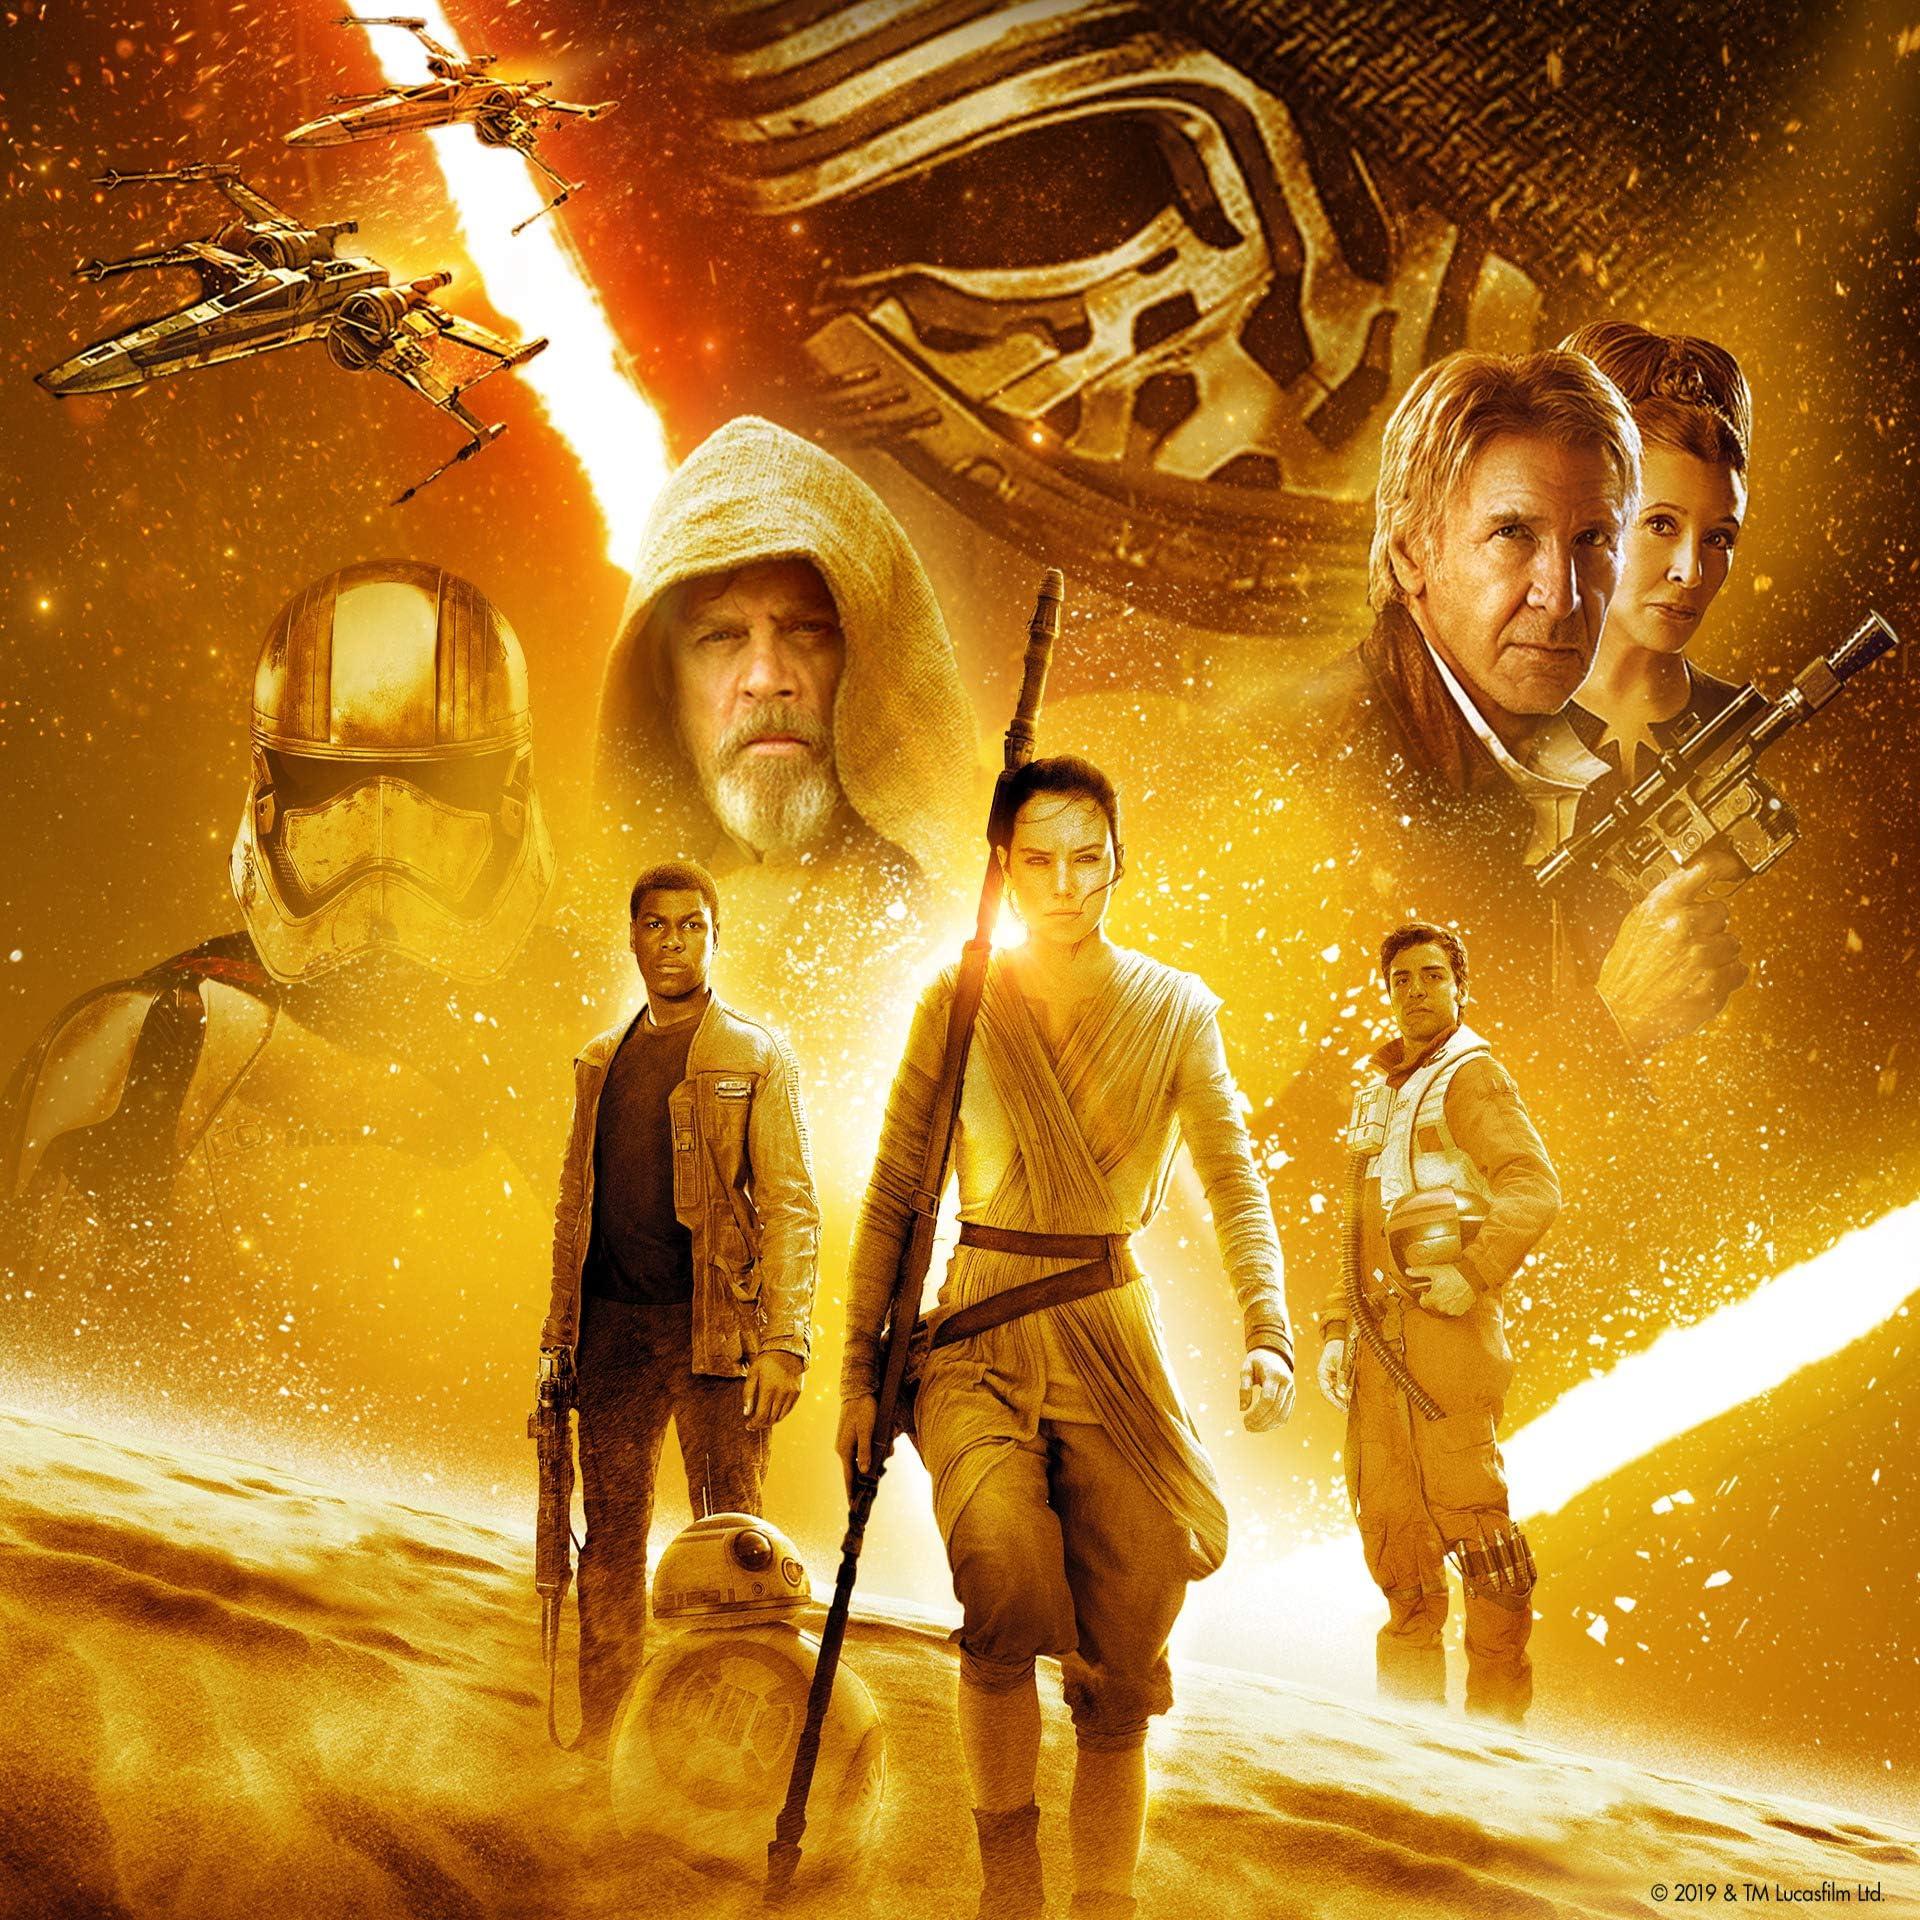 スター ウォーズ Star Wars Ipad壁紙 フォースの覚醒 その他 スマホ